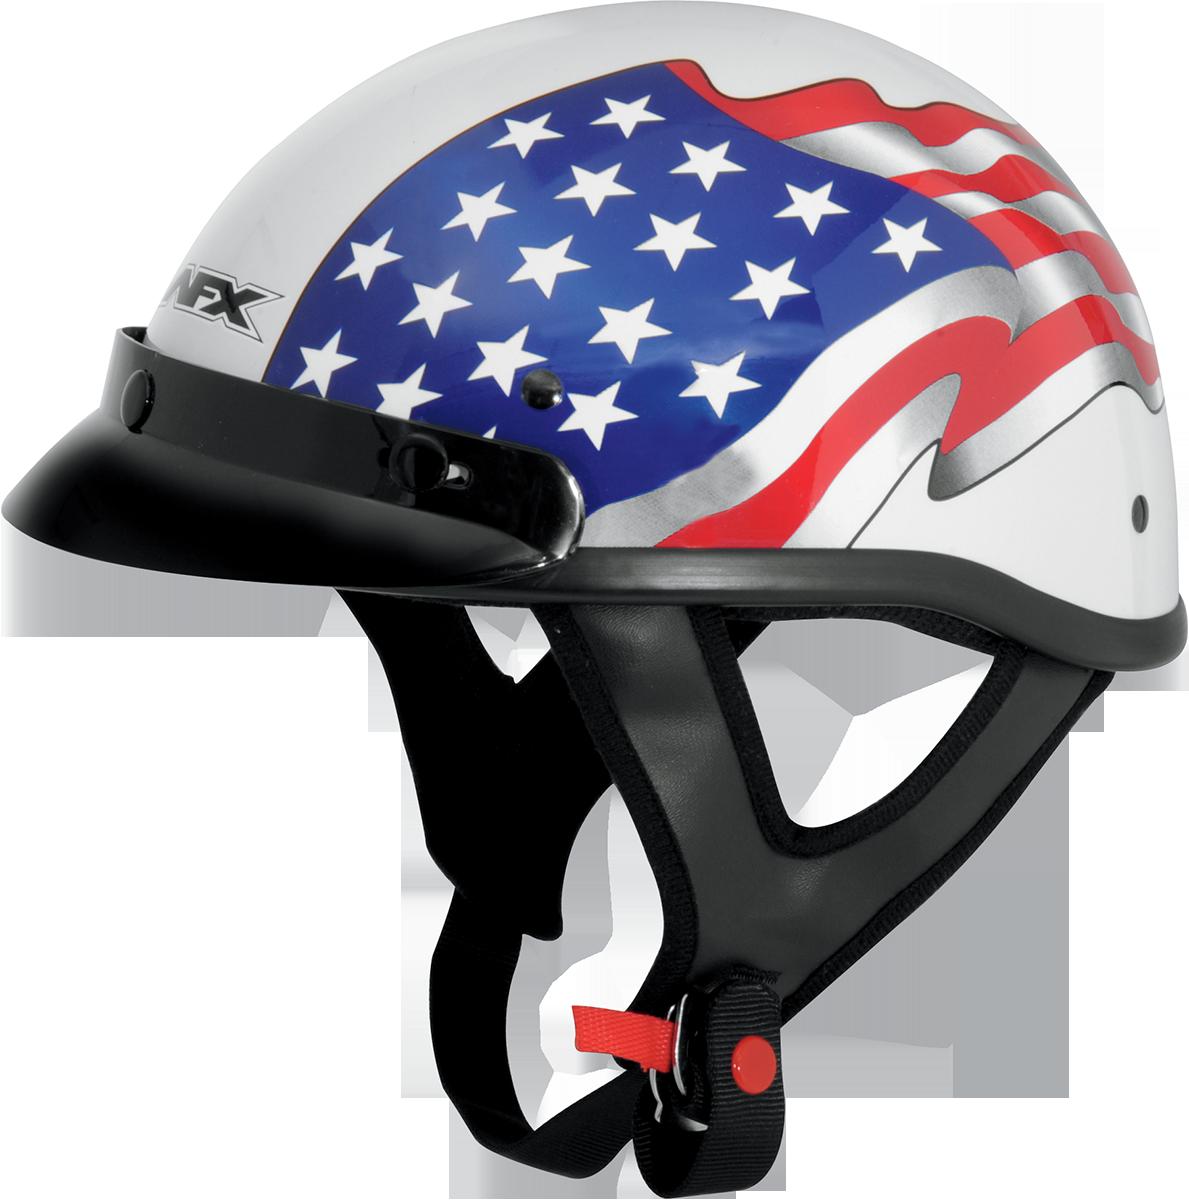 Afx Fx-70 American Flag Beanie Motorcycle Half Helmet